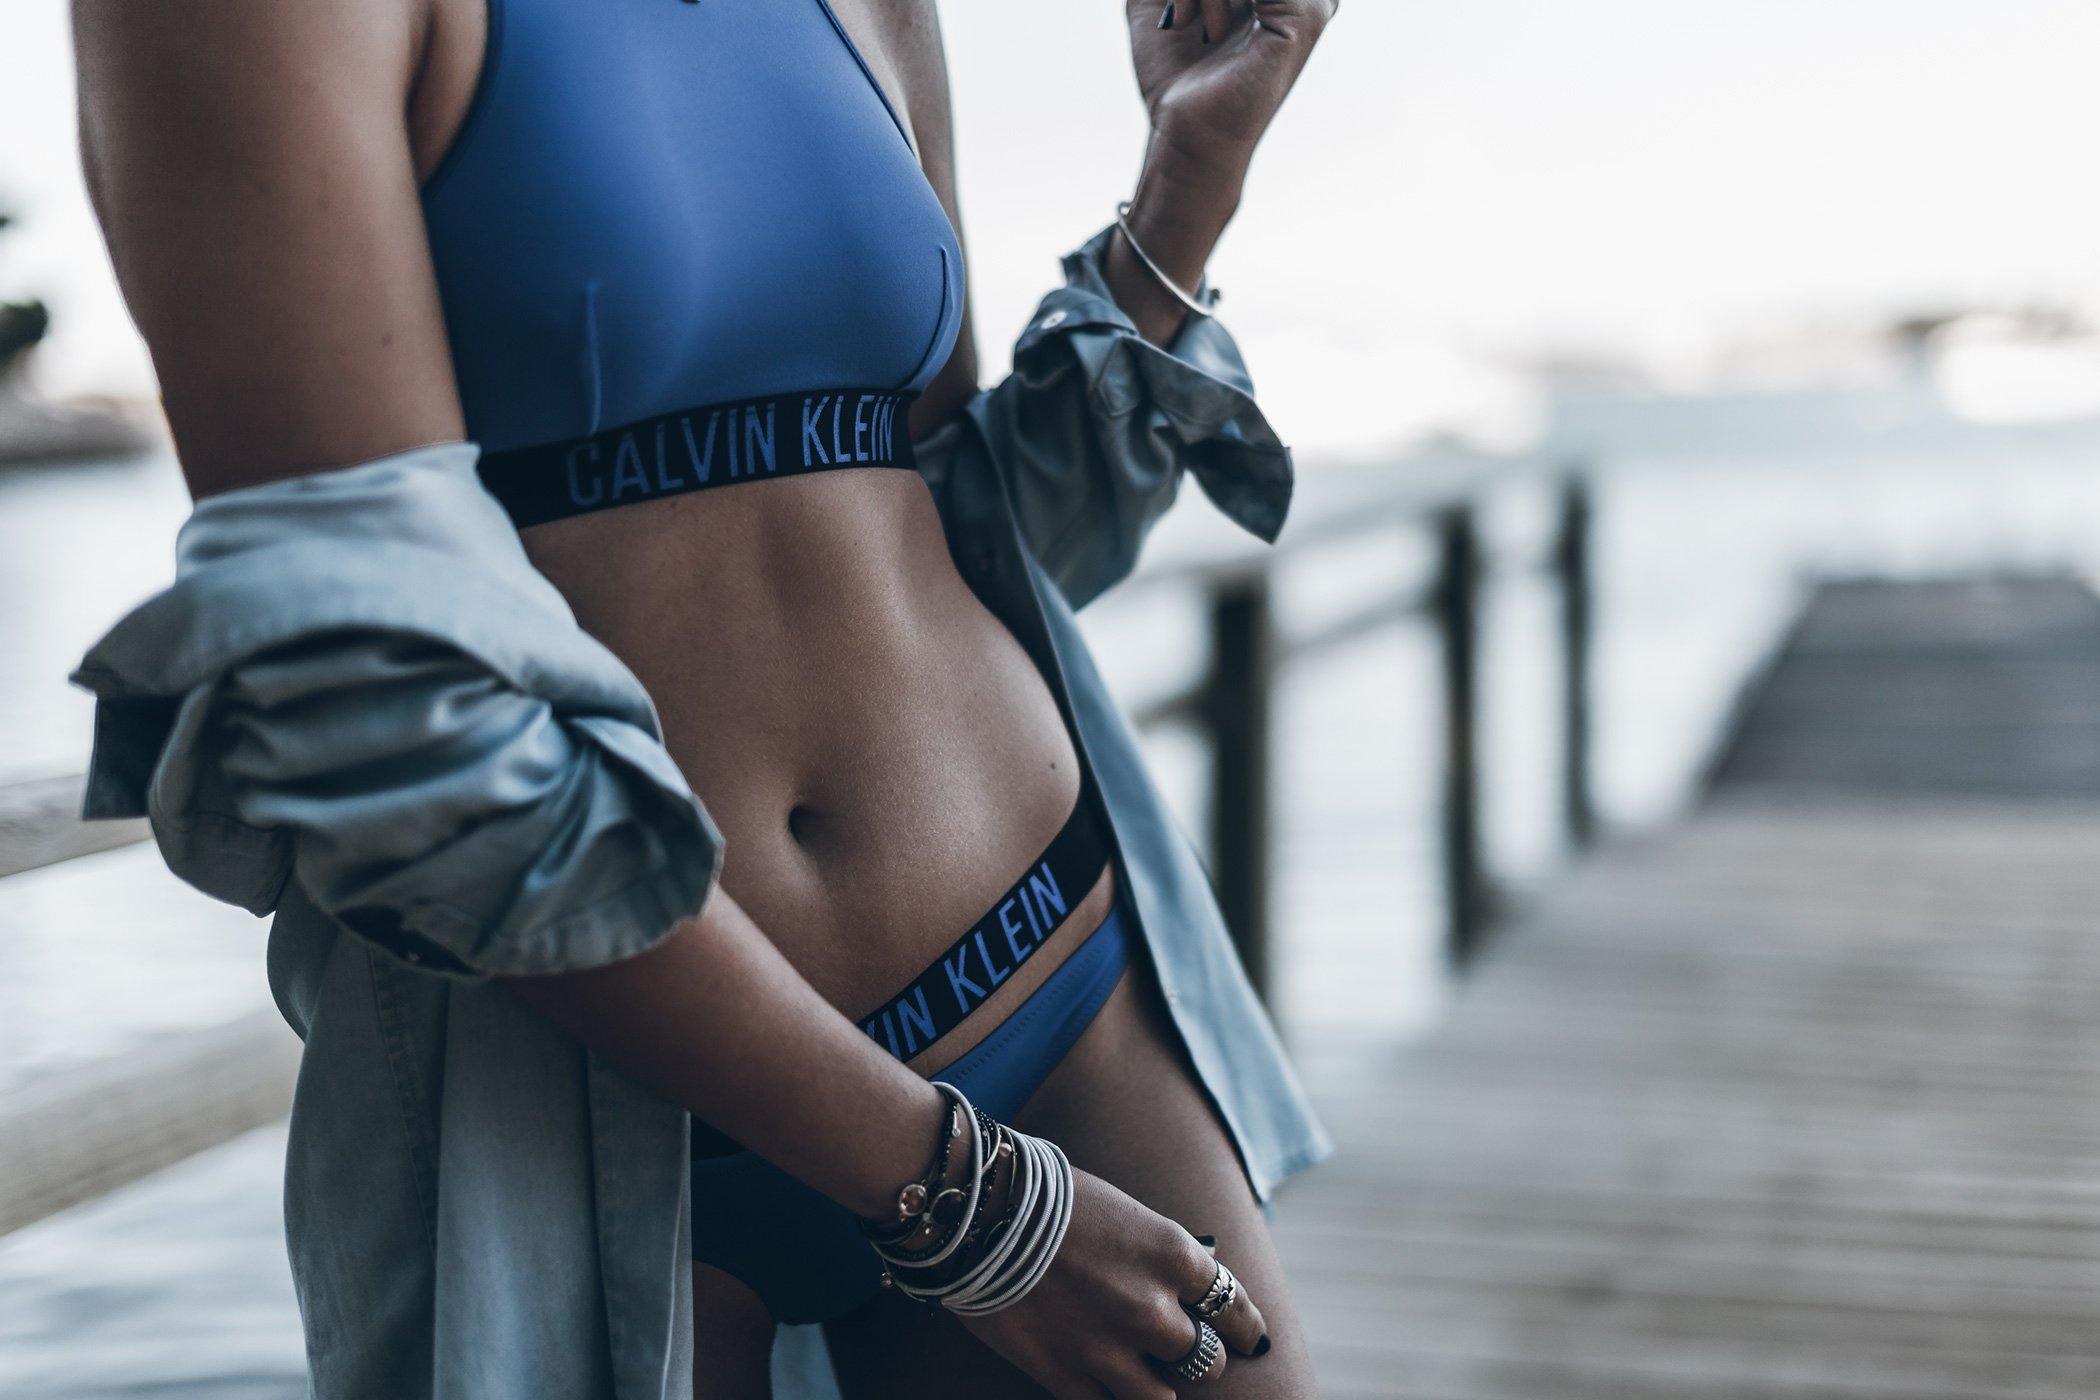 mikuta-calvin-klein-bikini-6